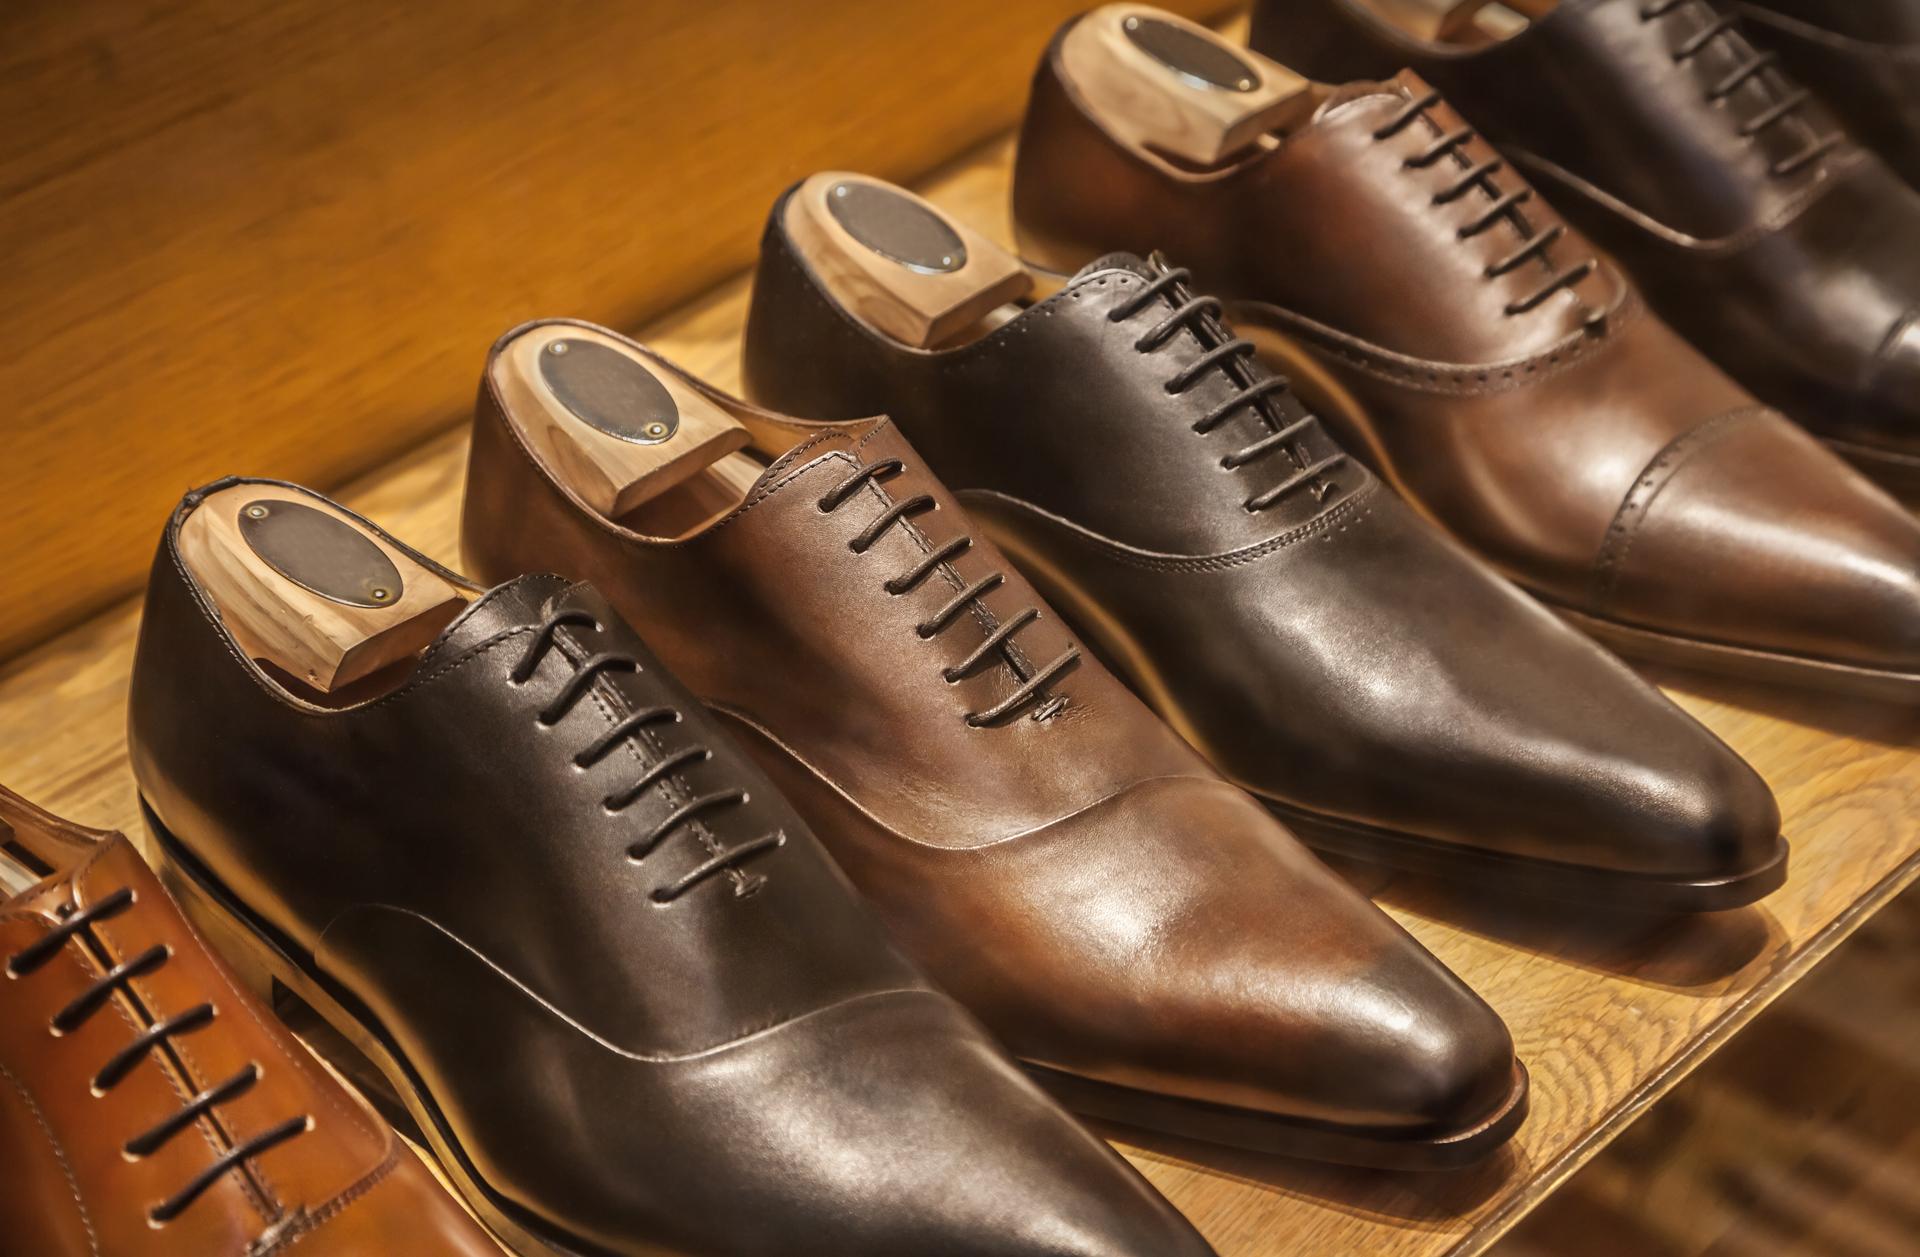 Zapatos a medida, la trastienda de un proceso exclusivo y personalizado -  Infobae